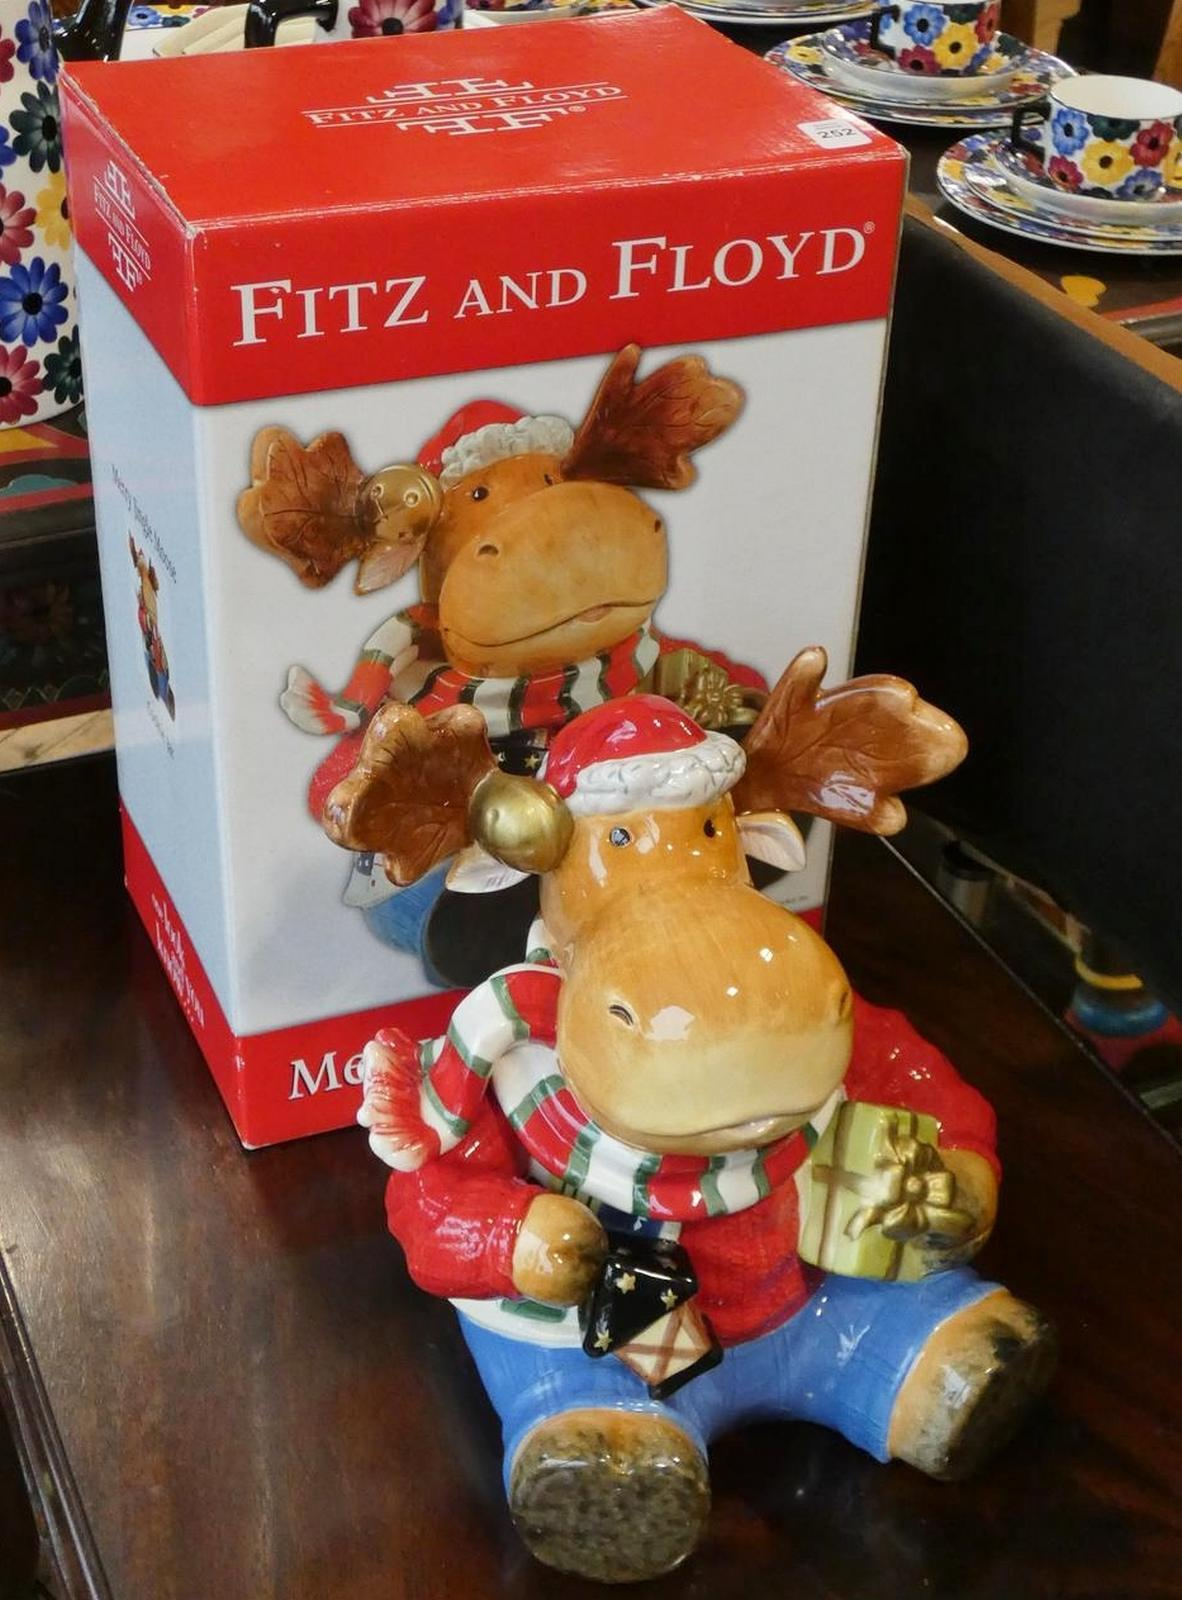 FITZ AND FLOYD COOKIE JAR